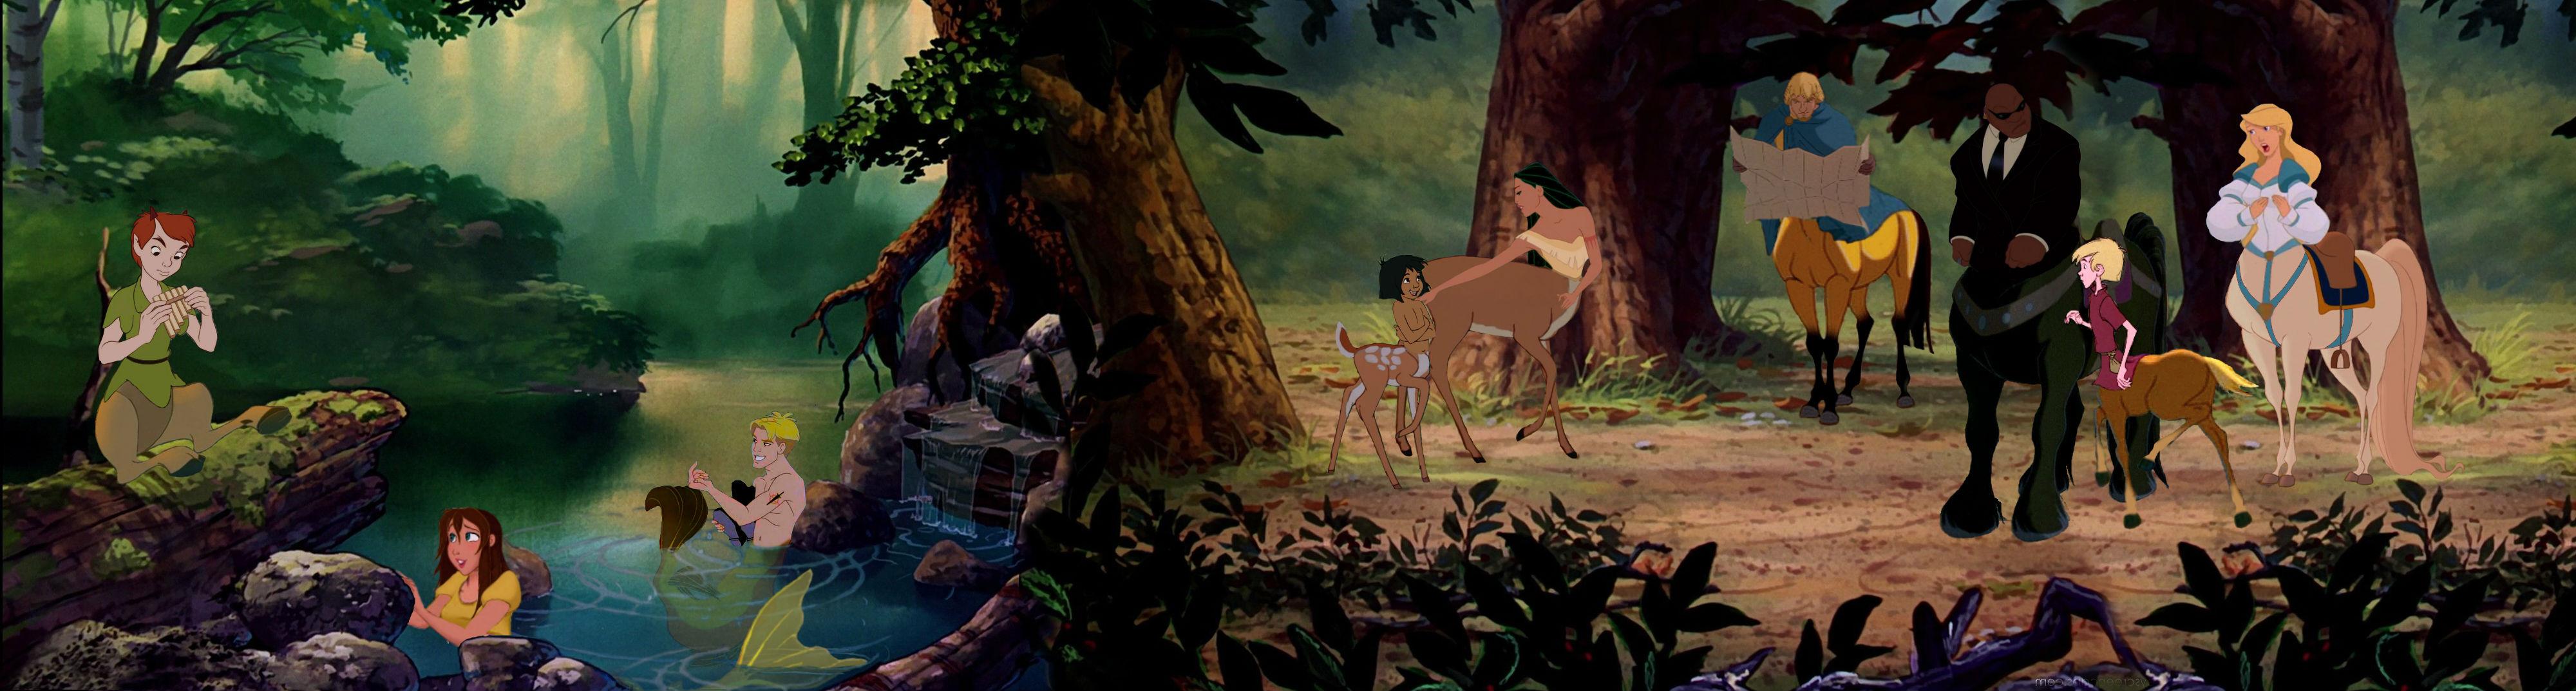 Mythological Disney by deckdarcie